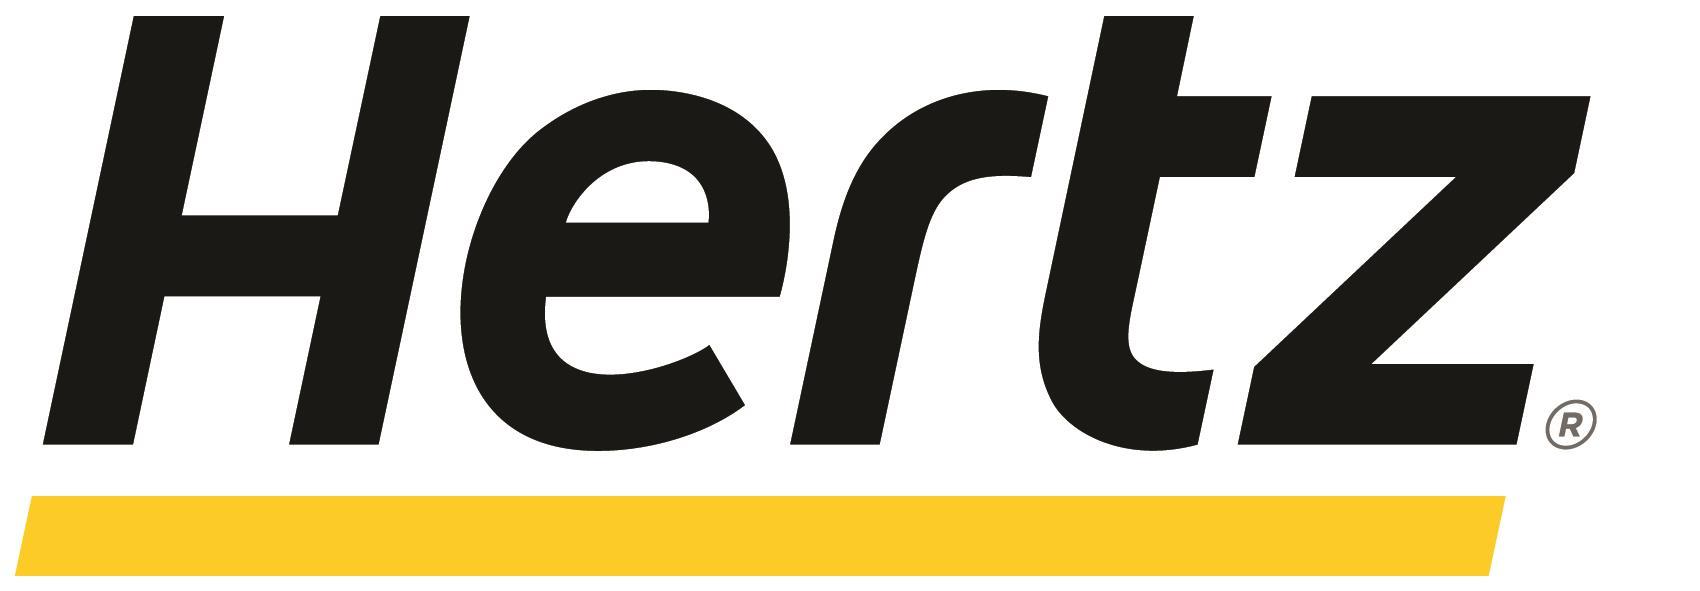 Hertz Car Rental Rates Per Day